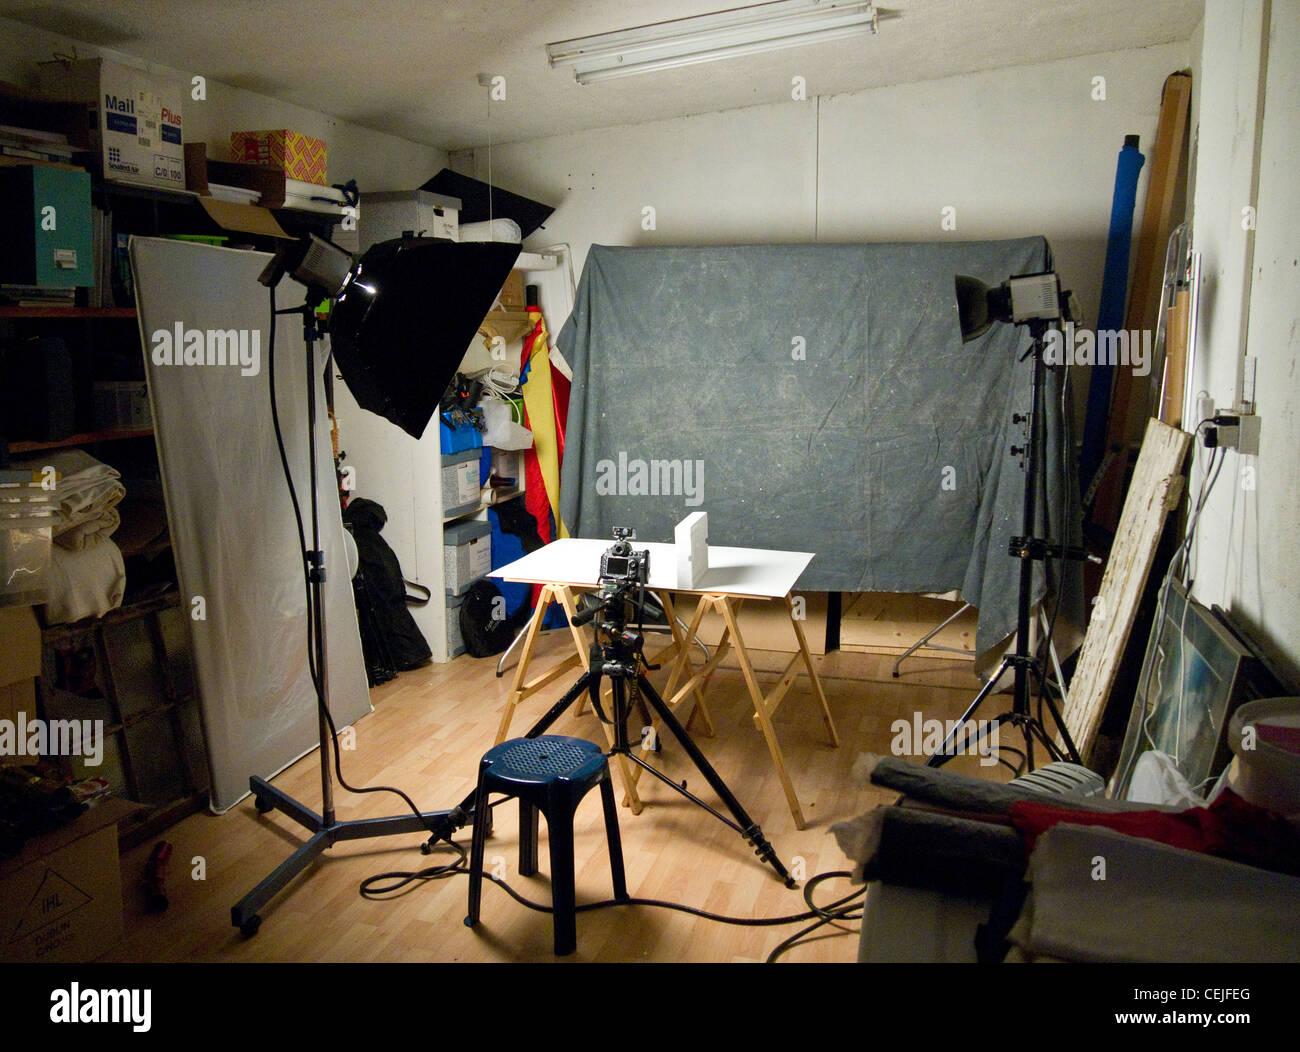 Un petit studio photographique en désordre Photo Stock